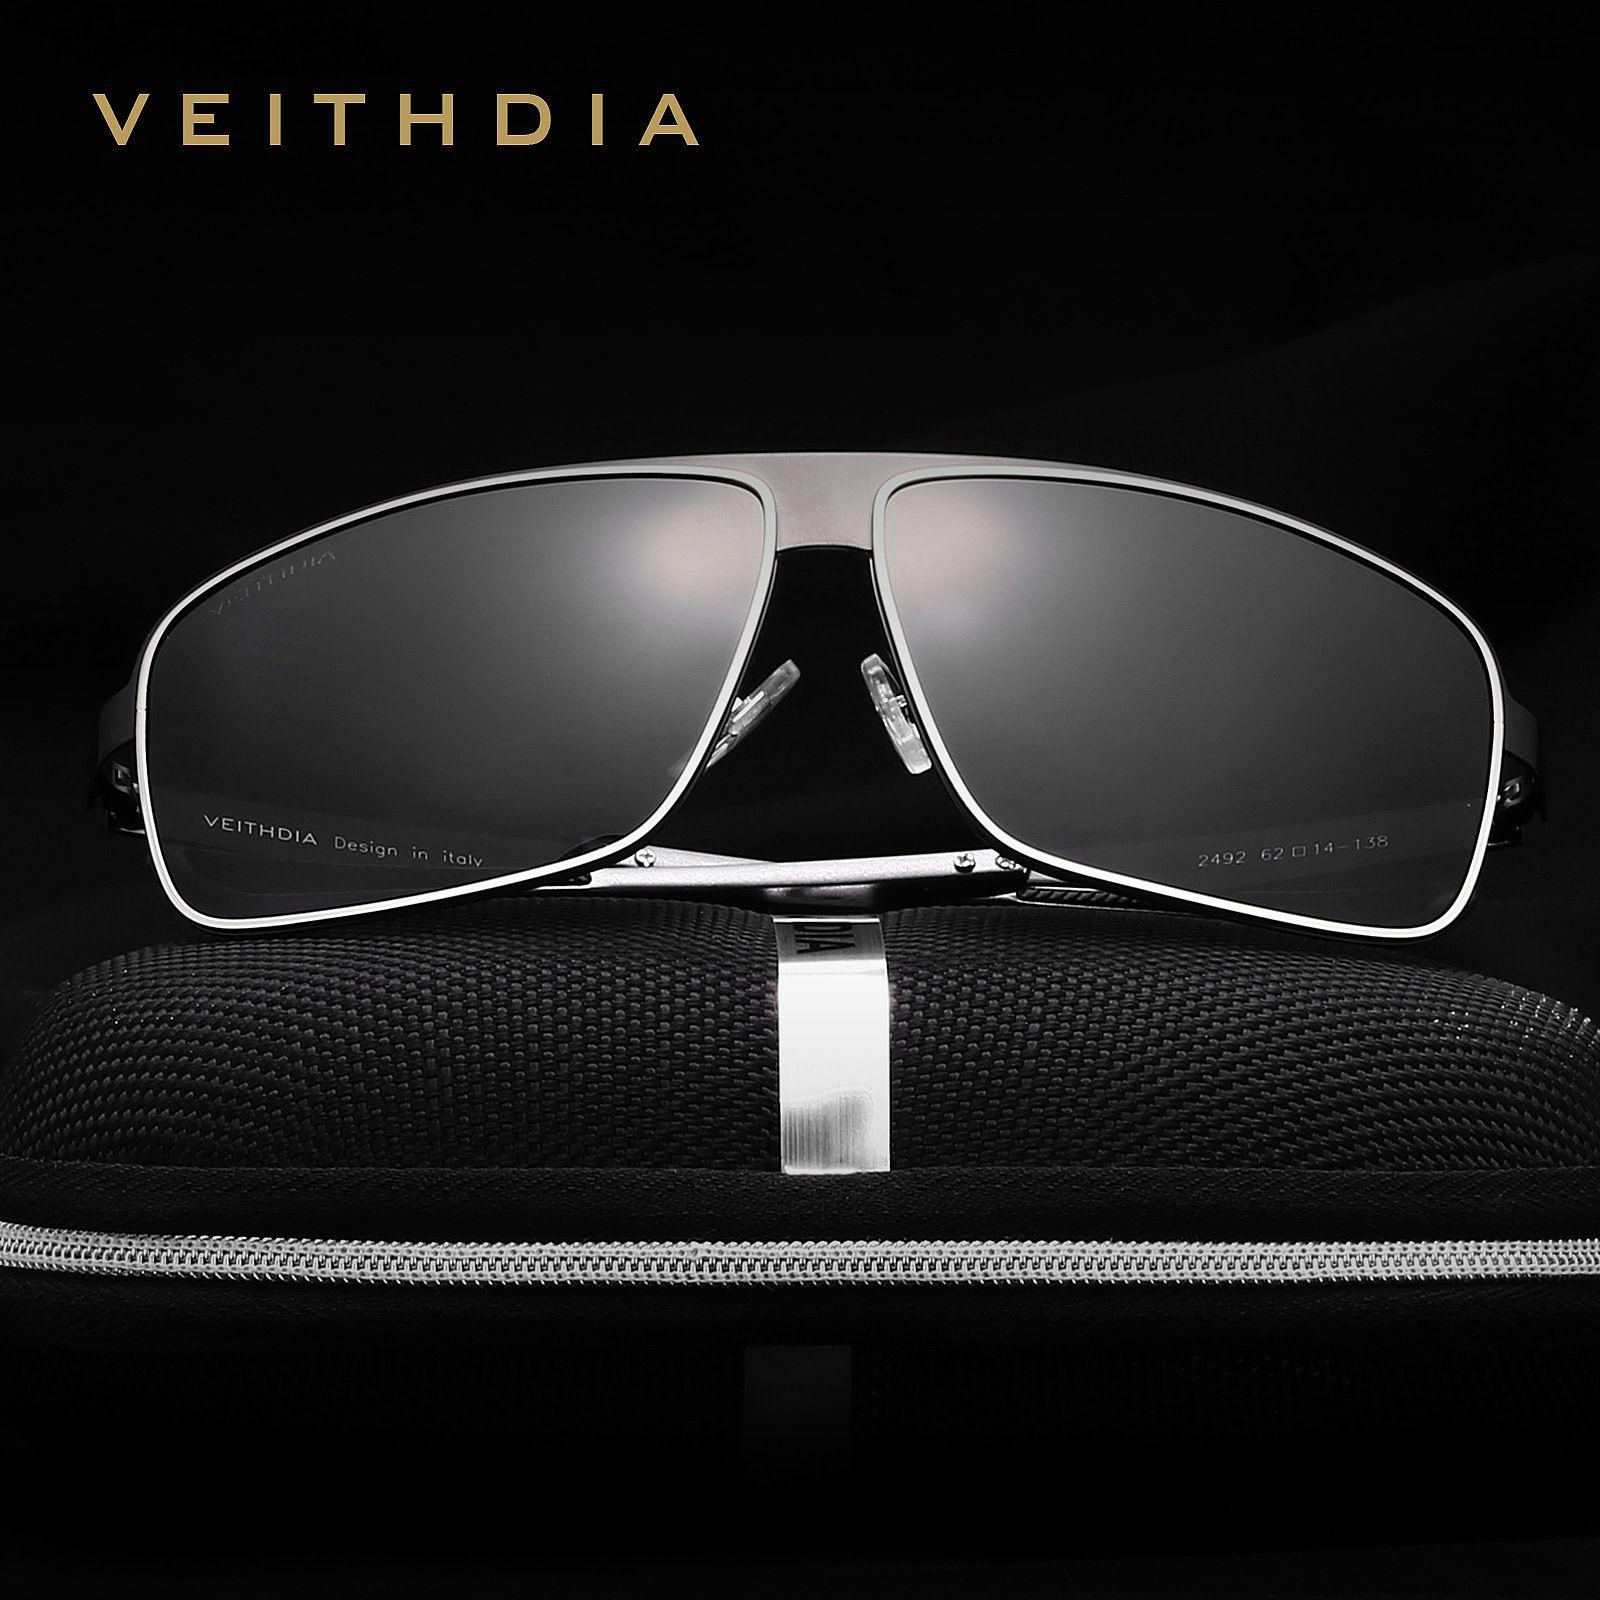 812501bac7 Men VEITHDIA Brand Sunglasses Fashion Stainless Steel Resist UV 400 Full  Frame Ultraviolet Proof Designer Glasses Without Box 31ws Hh John Lennon  Sunglasses ...